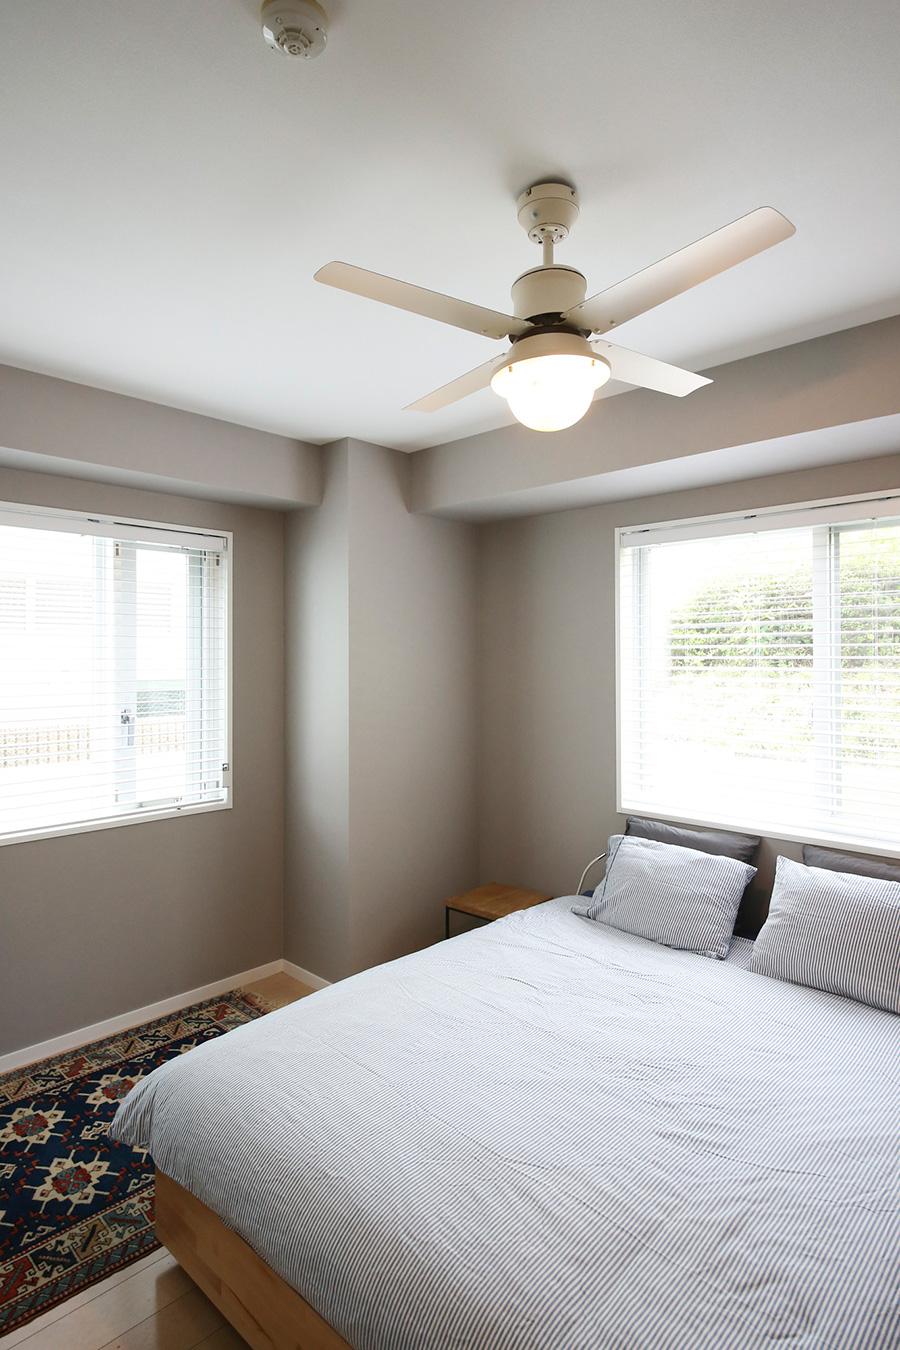 寝室の天井には、照明つきのシーリングファンを設置。壁は落ち着いたグレーに。